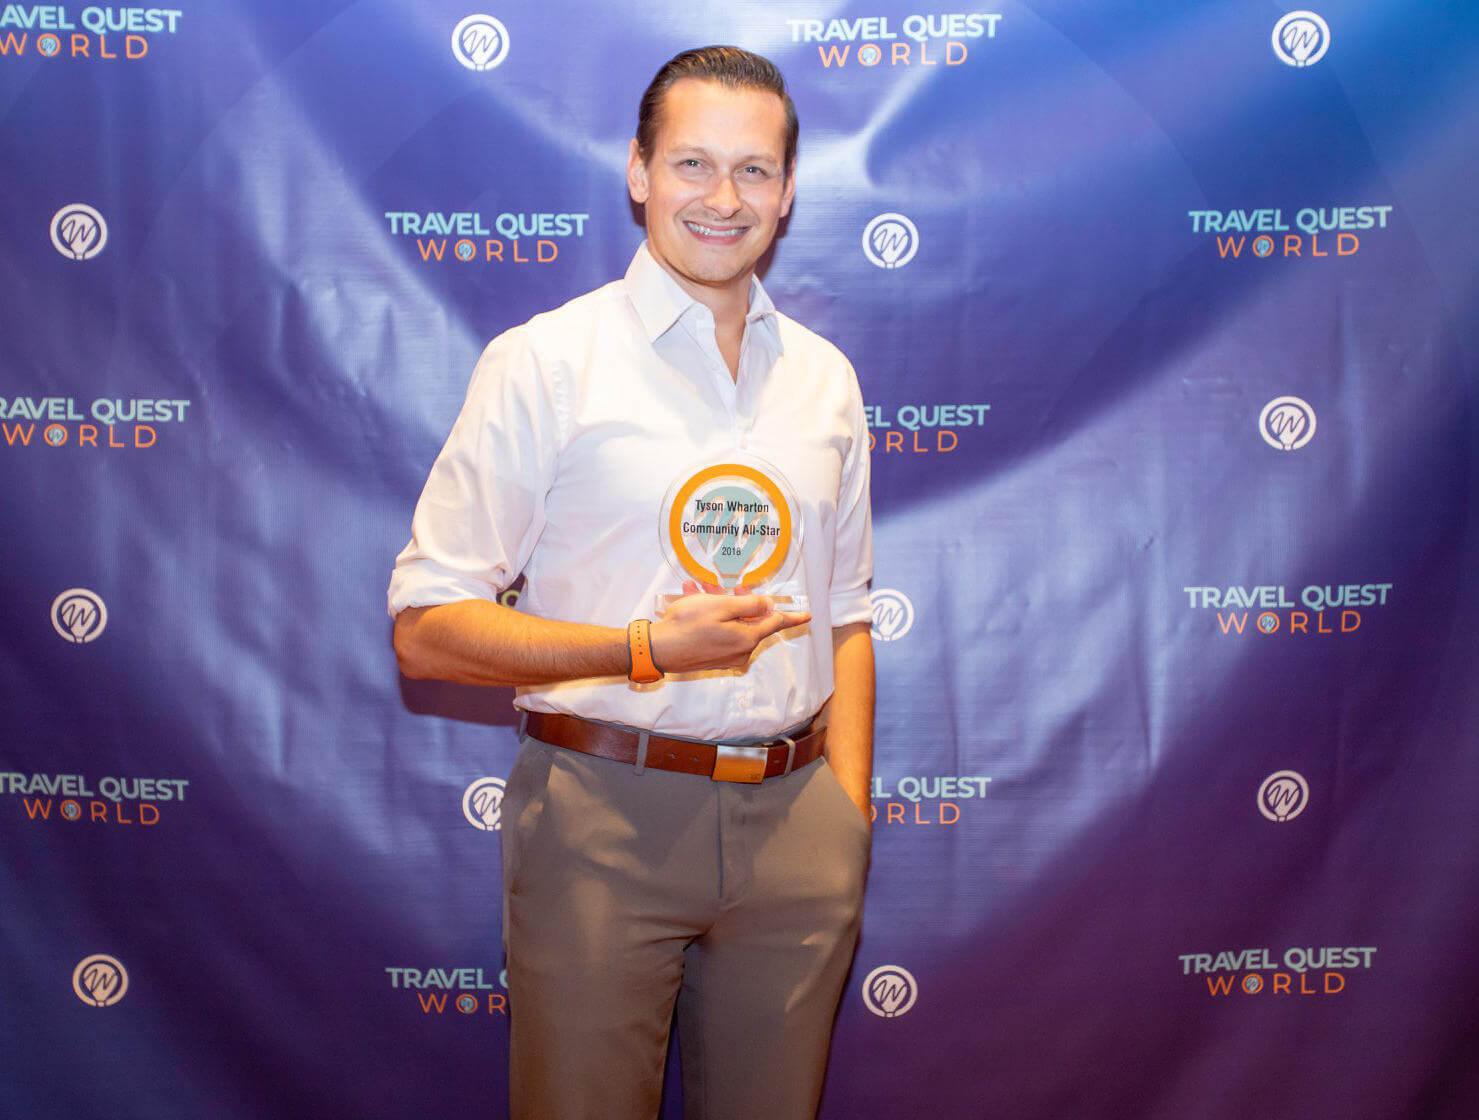 Tyson with award